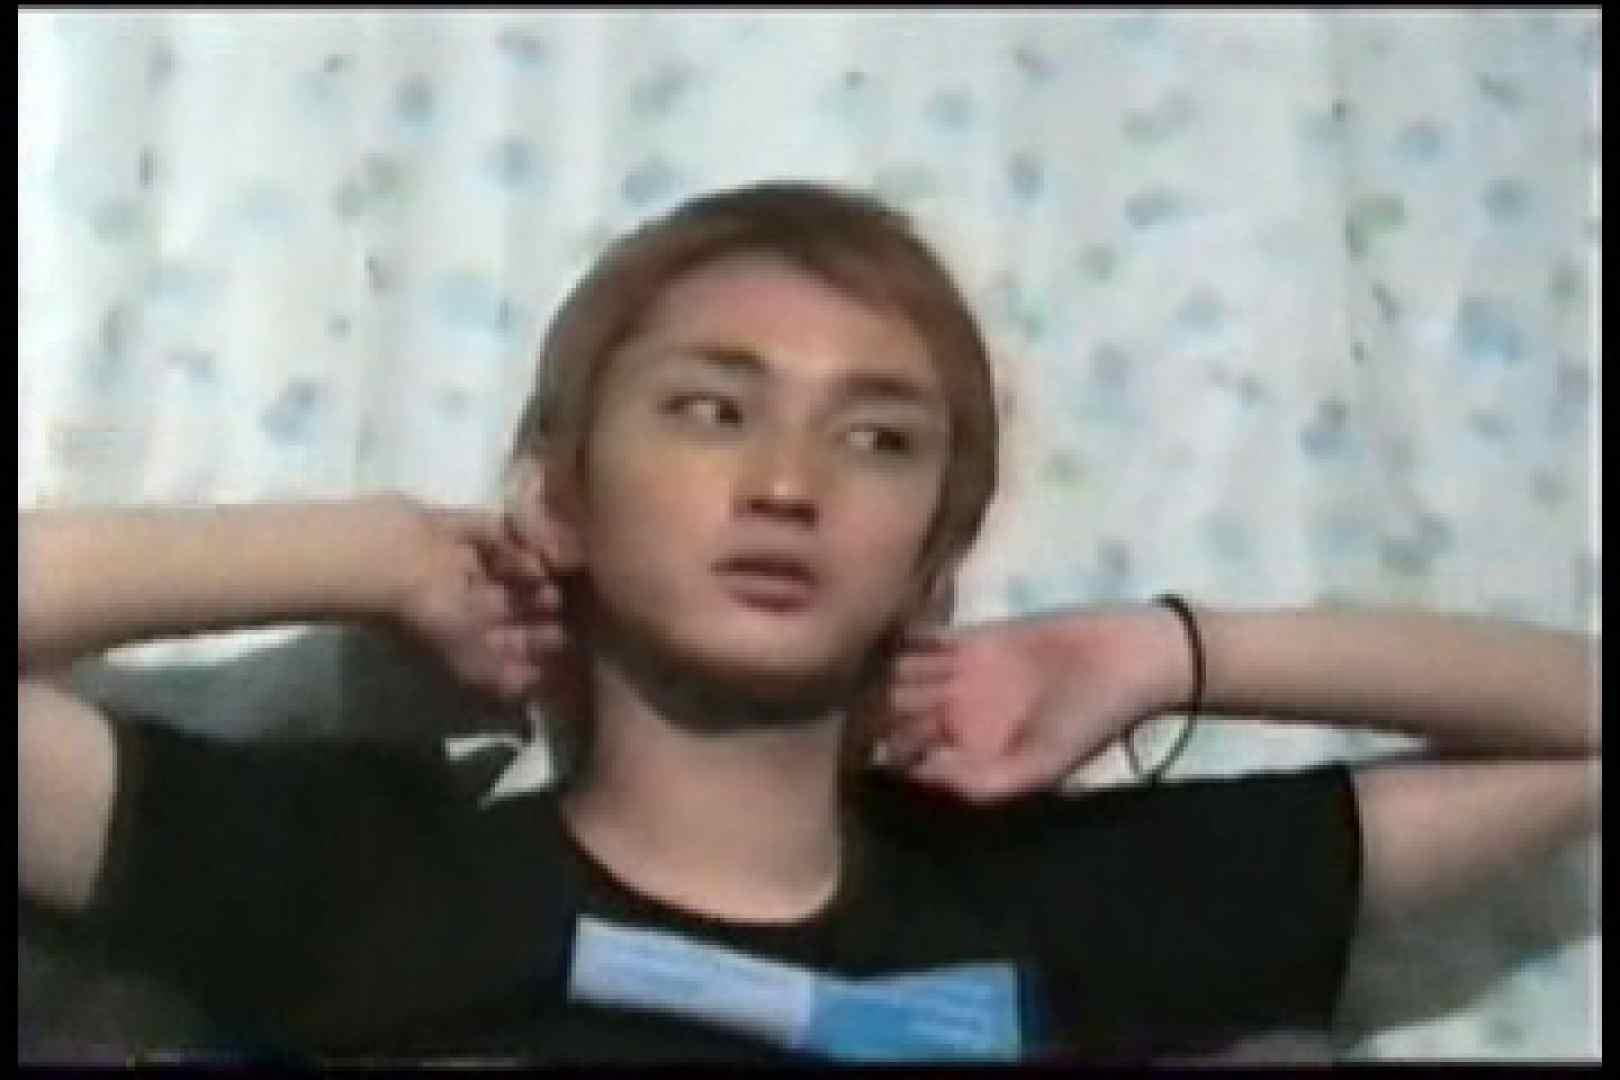 【流出】アイドルを目指したジャニ系イケメンの過去 チンポ丸出し  61枚 28